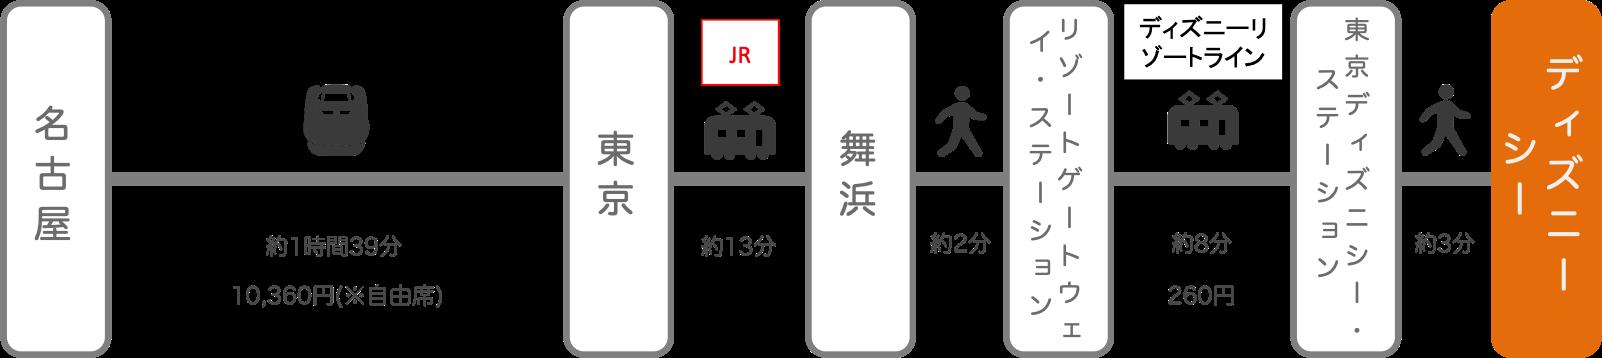 ディズニーシー_名古屋(愛知)_新幹線